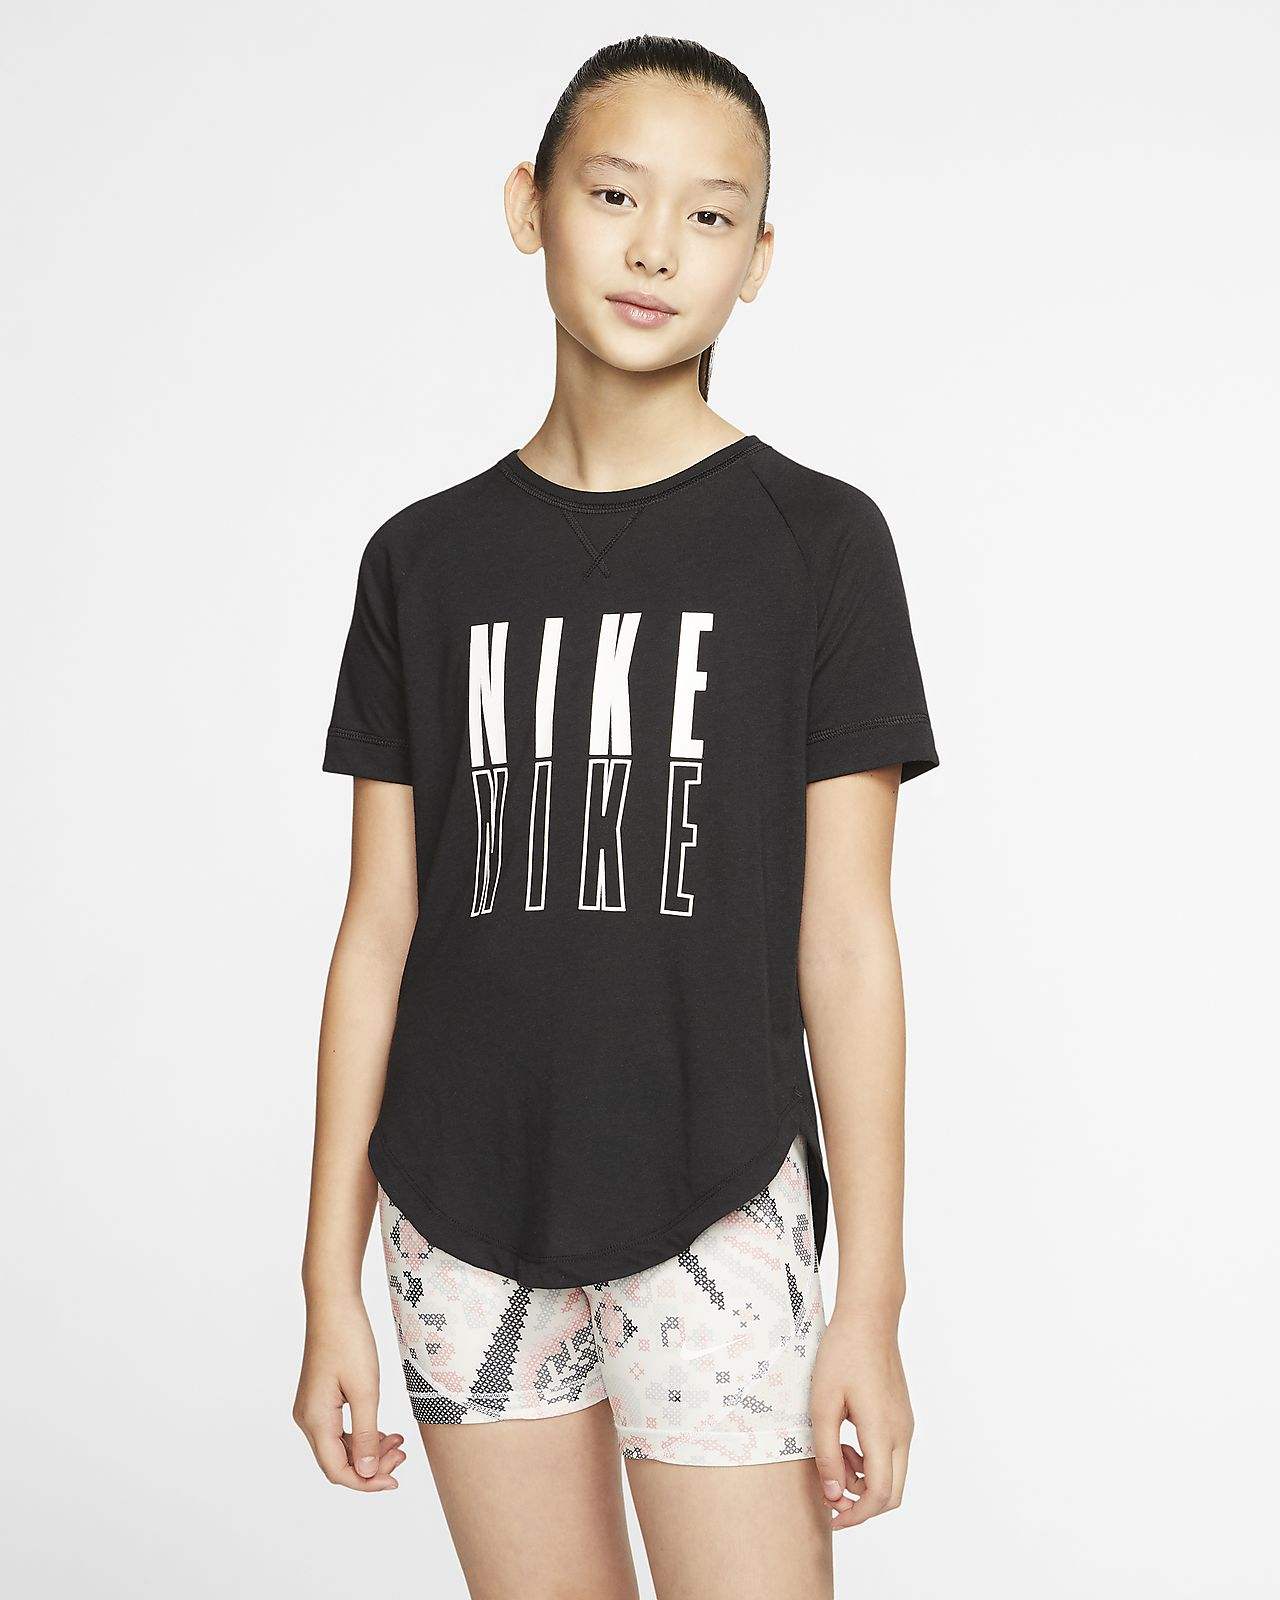 Nike Trophy 大童(女孩)短袖印花训练上衣